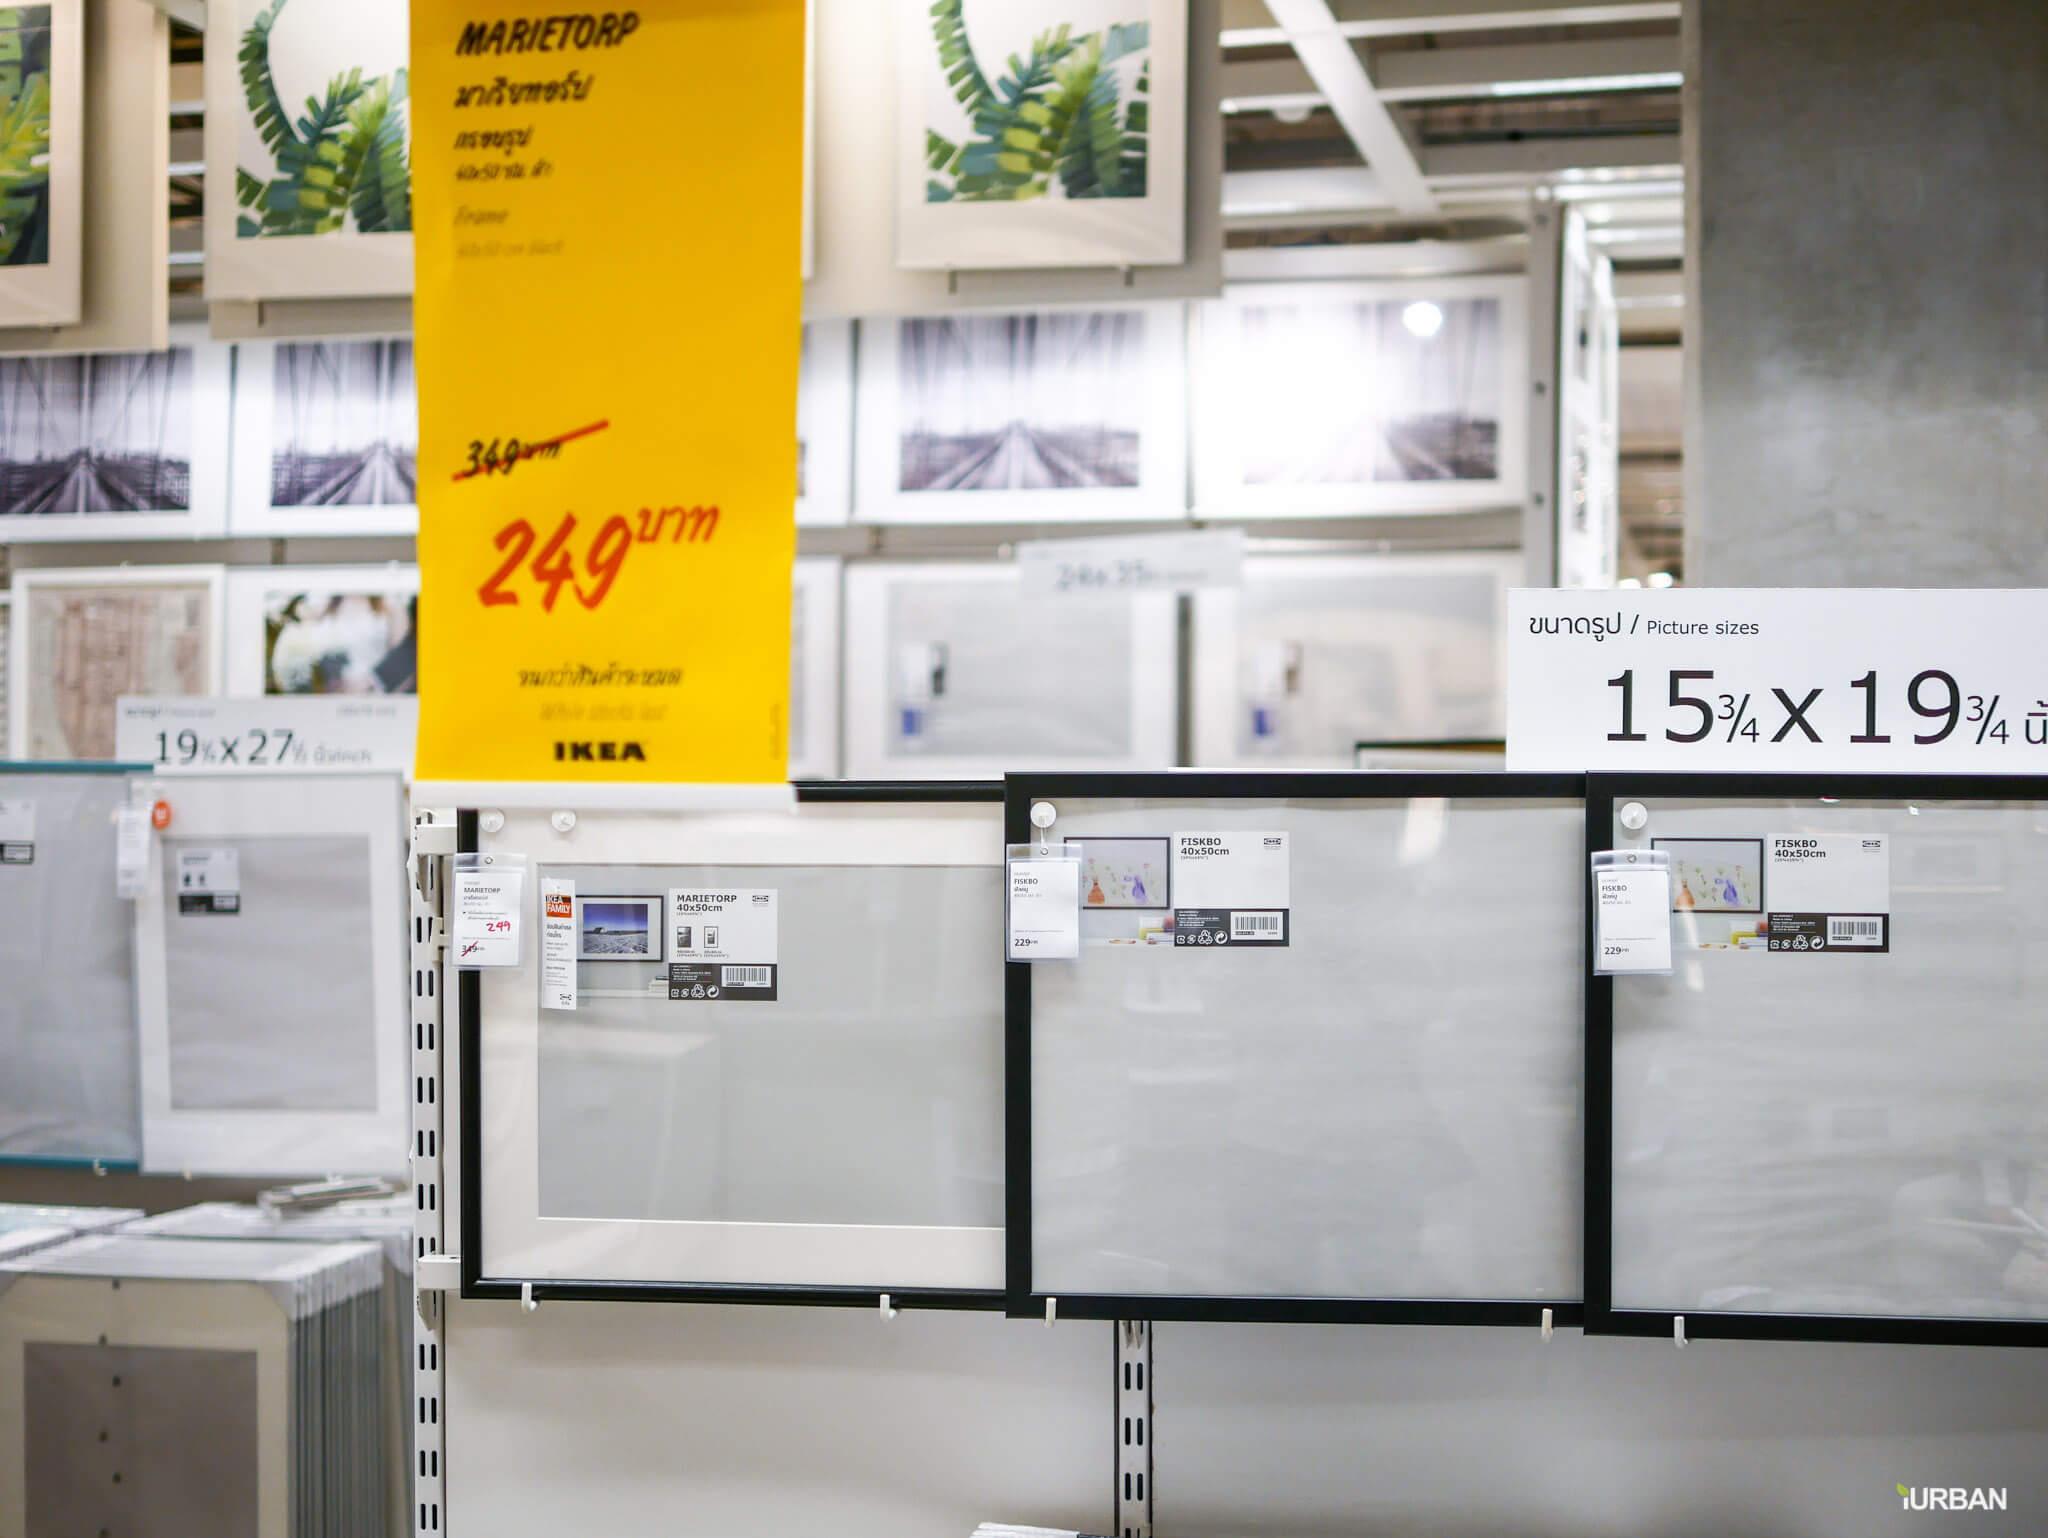 มันเยอะมากกกก!! IKEA Year End SALE 2017 รวมของเซลในอิเกีย ลดเยอะ ลดแหลก รีบพุ่งตัวไป วันนี้ - 7 มกราคม 61 207 - IKEA (อิเกีย)